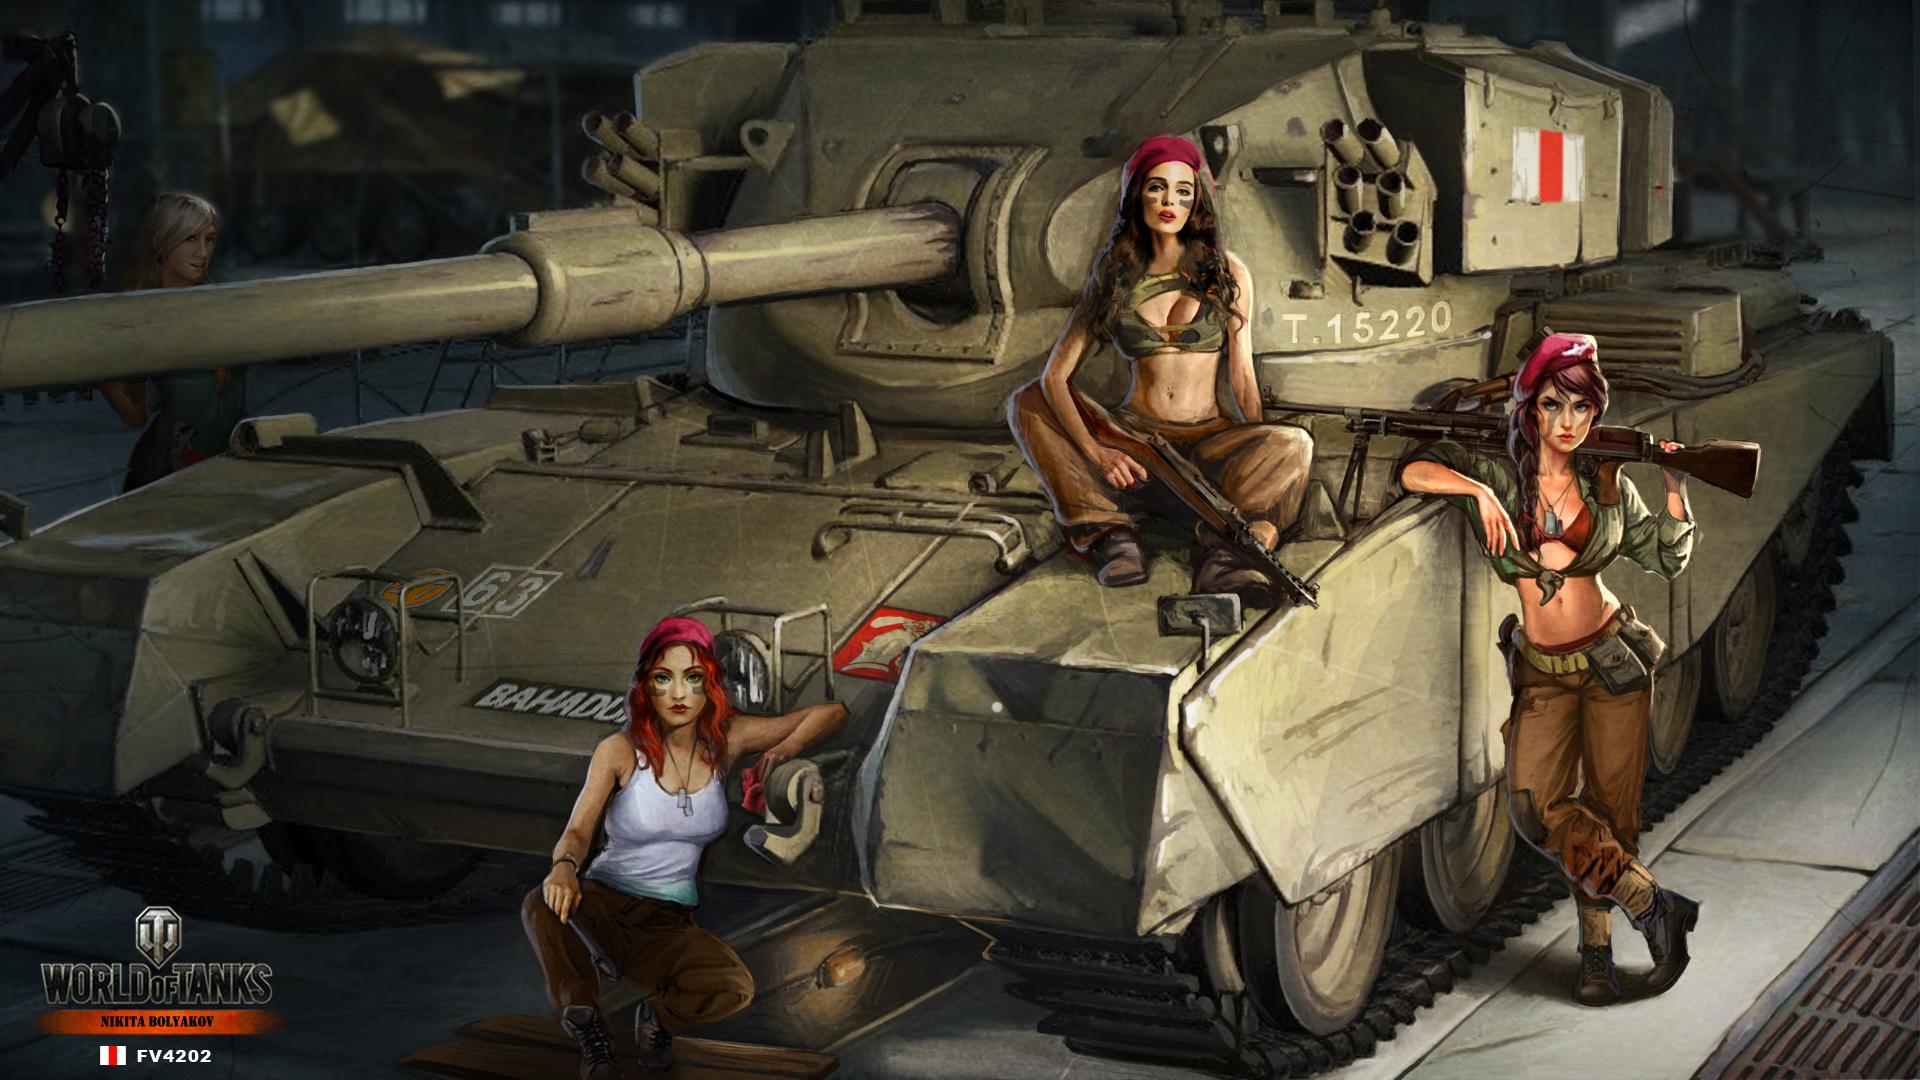 обои на рабочий стол танки world of tanks девушки № 204972  скачать